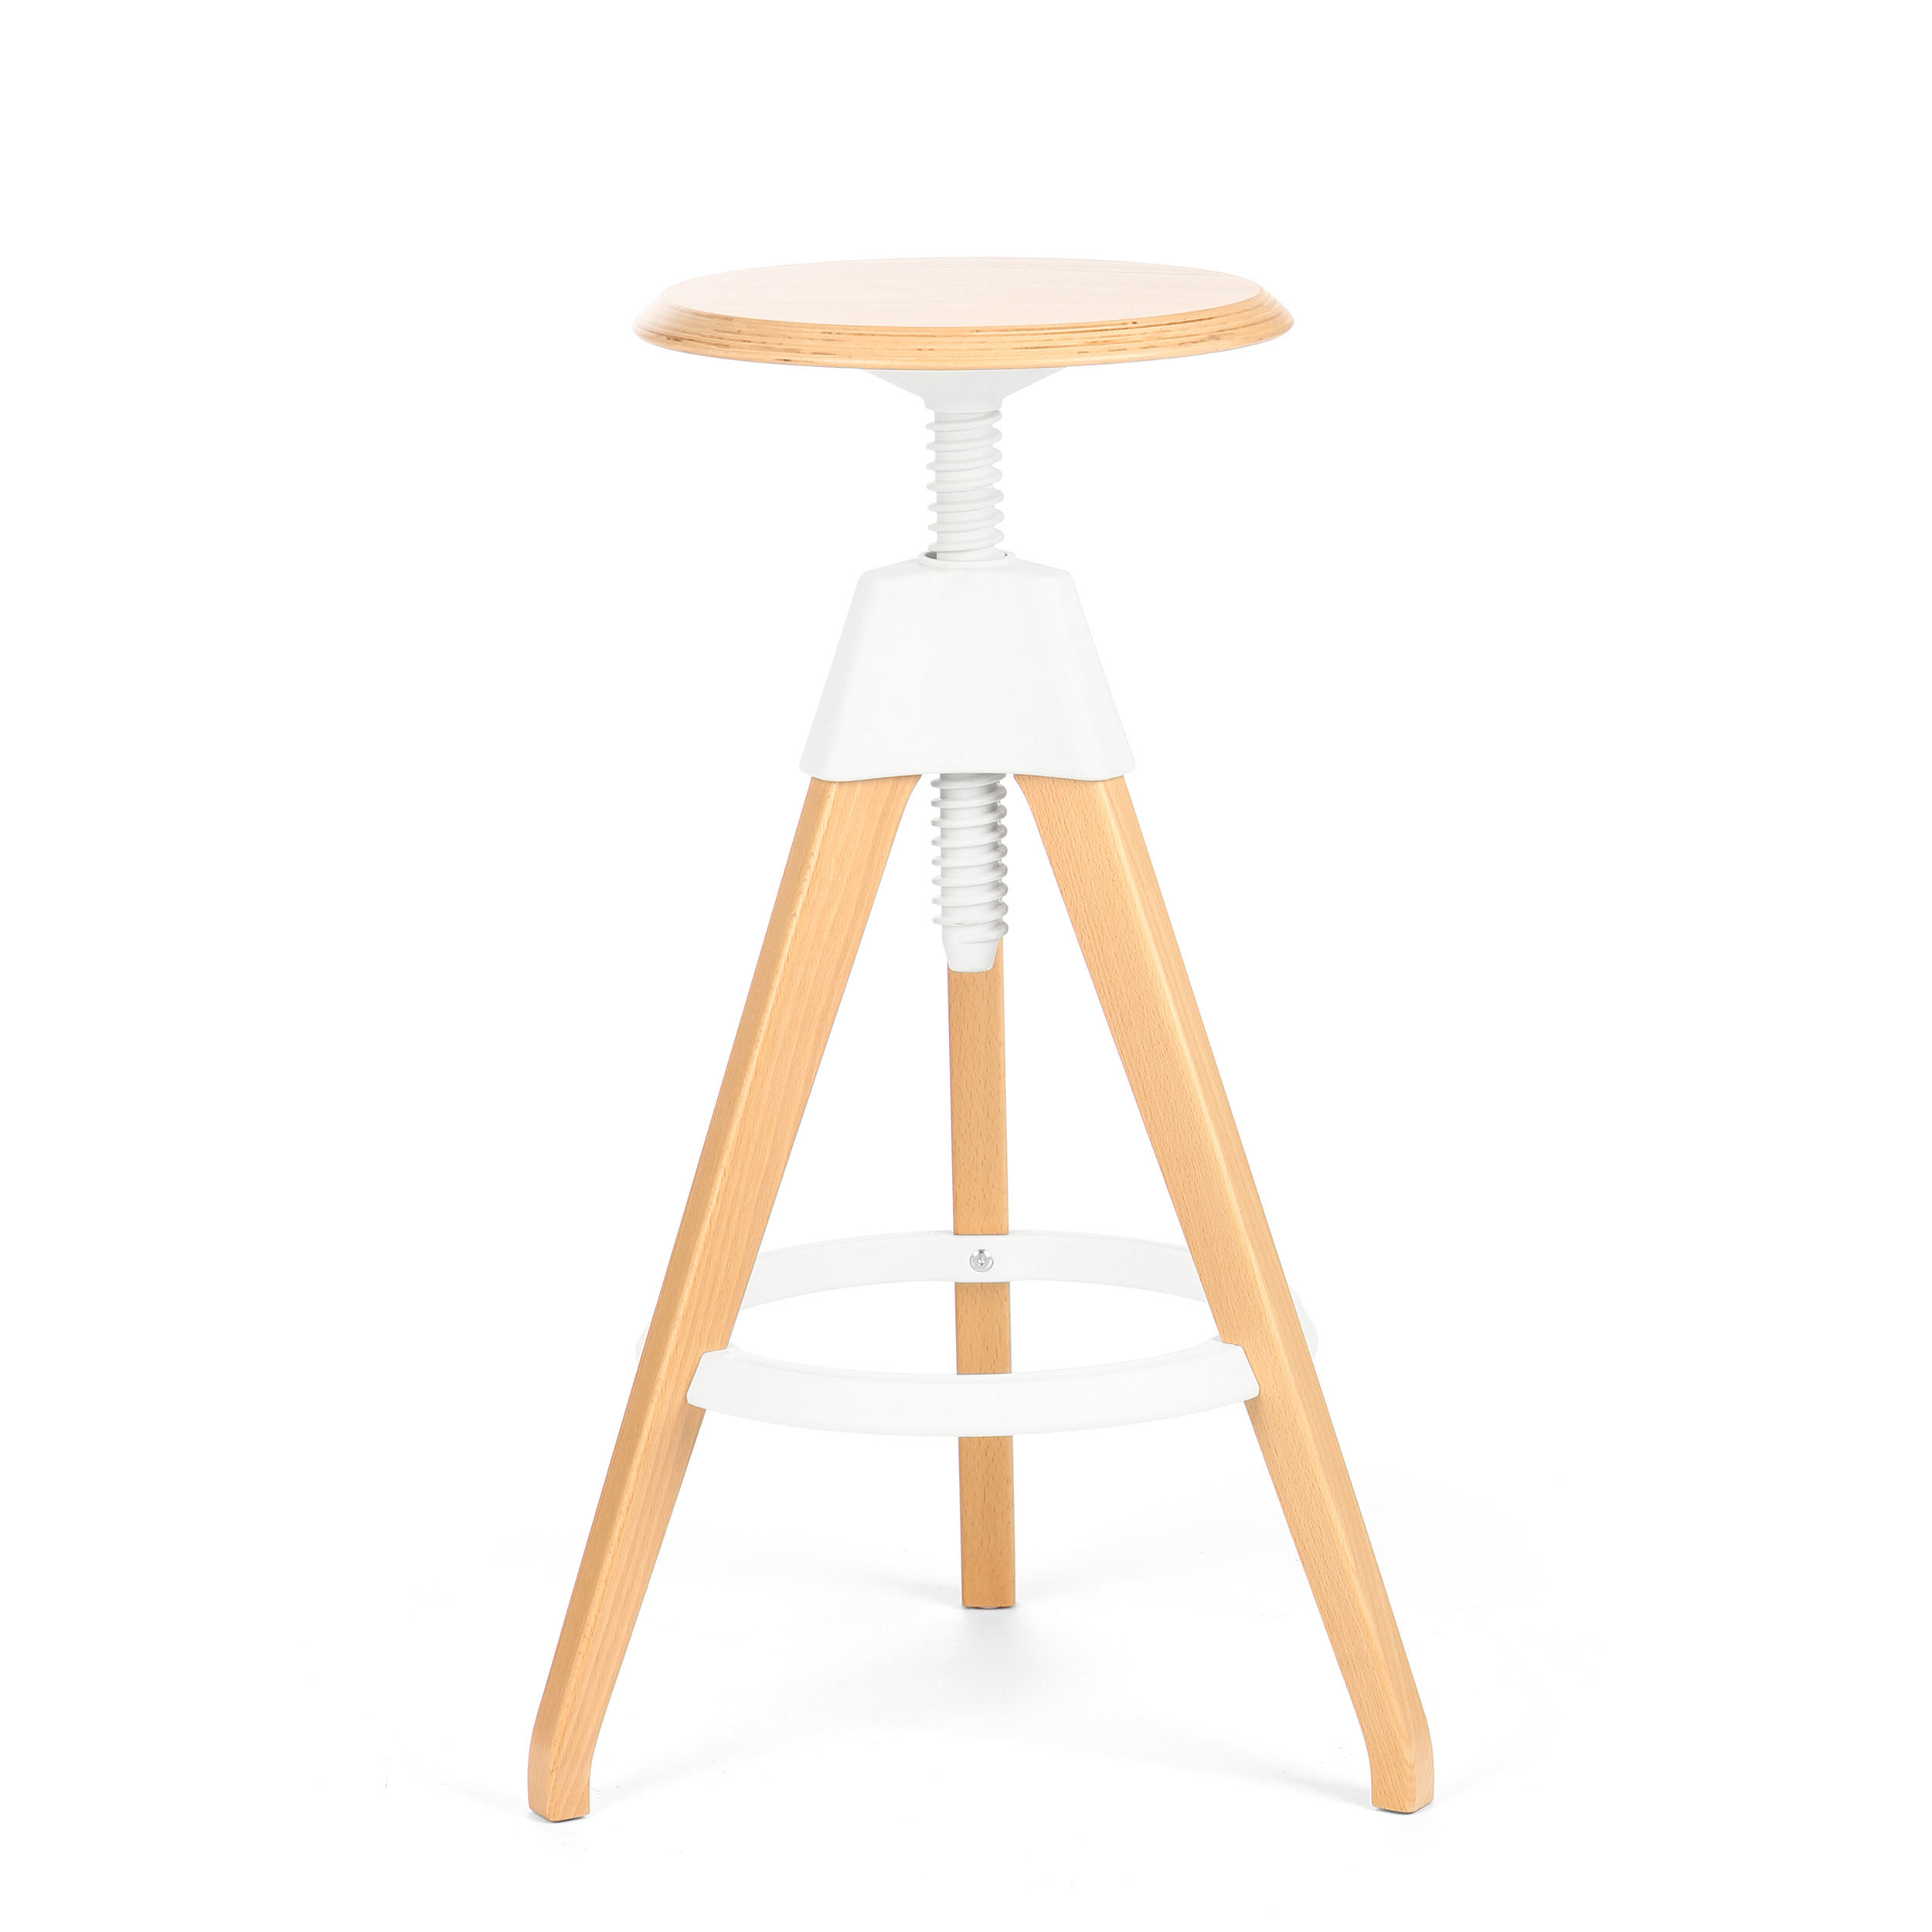 Барный стул JerryБарные<br>Дизайнерский светло-коричневый деревянный барный стул Jerry (Джерри) с цветным каркасом от Cosmo (Космо). <br><br> Игривый и легкий оригинальный барный стул Jerry — это натуральное дерево в комплекте с прочным пластиком. Винтовой механизм, укрепленный под аккуратным сиденьем, позволяет регулировать высоту стула. Устойчивые ножки, выполненные из бука, гармонируют с колористическим решением конструктивных деталей.<br><br><br> Применение такой мебели довольно широко, начиная от скандинавского натурализм...<br><br>stock: 1<br>Высота: 76<br>Высота сиденья: 68-76<br>Диаметр: 45<br>Цвет ножек: Светло-коричневый<br>Материал ножек: Массив бука<br>Тип материала каркаса: Полипропилен<br>Материал сидения: Массив бука<br>Цвет сидения: Светло-коричневый<br>Тип материала сидения: Дерево<br>Тип материала ножек: Дерево<br>Цвет каркаса: Белый